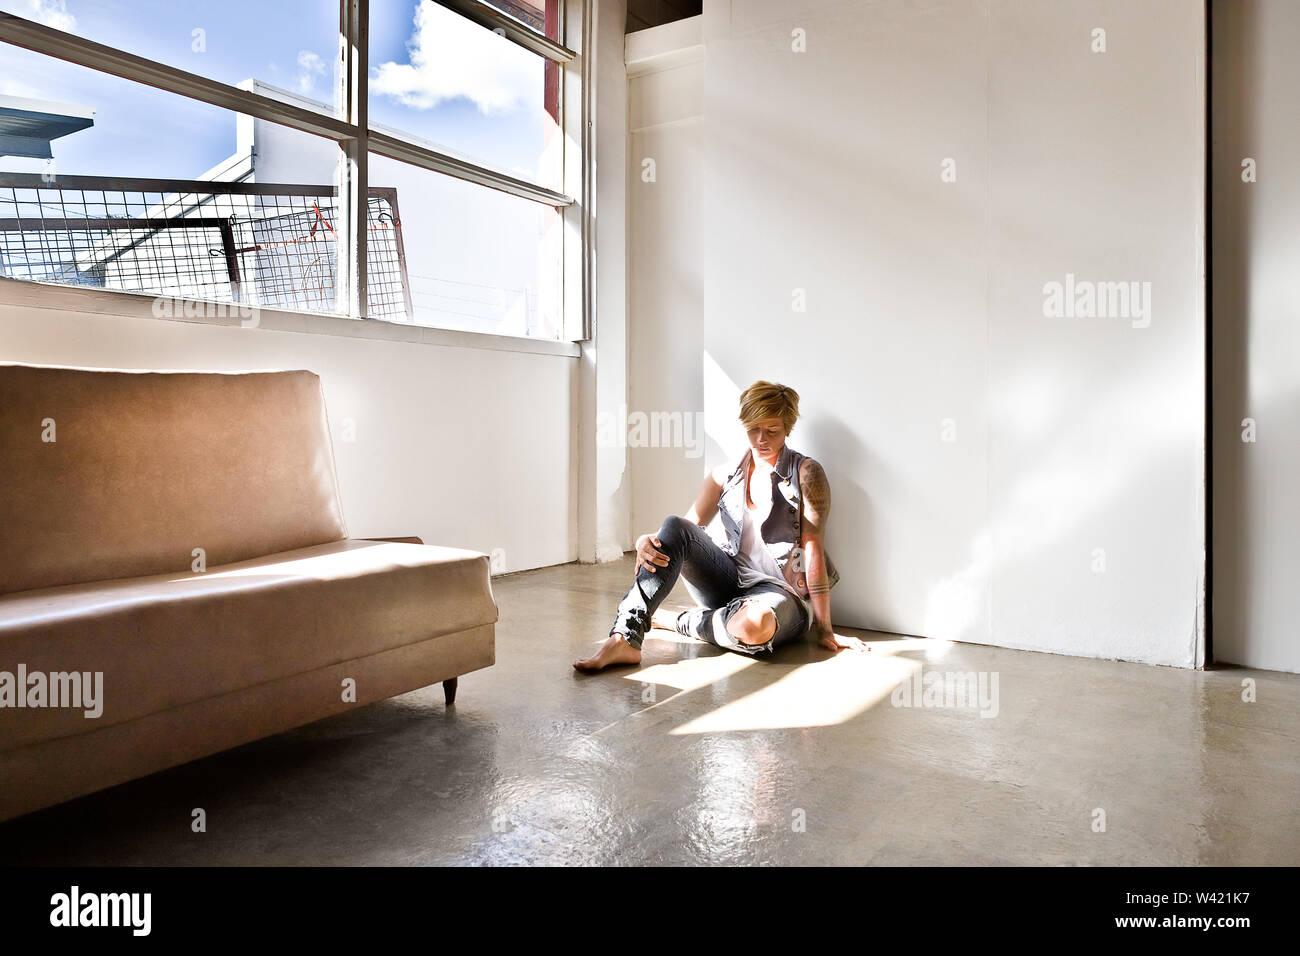 Femme avec un tatouage et cheveux courts assis sur le plancher avec un visage triste dans une chambre avec des rayons de soleil Photo Stock